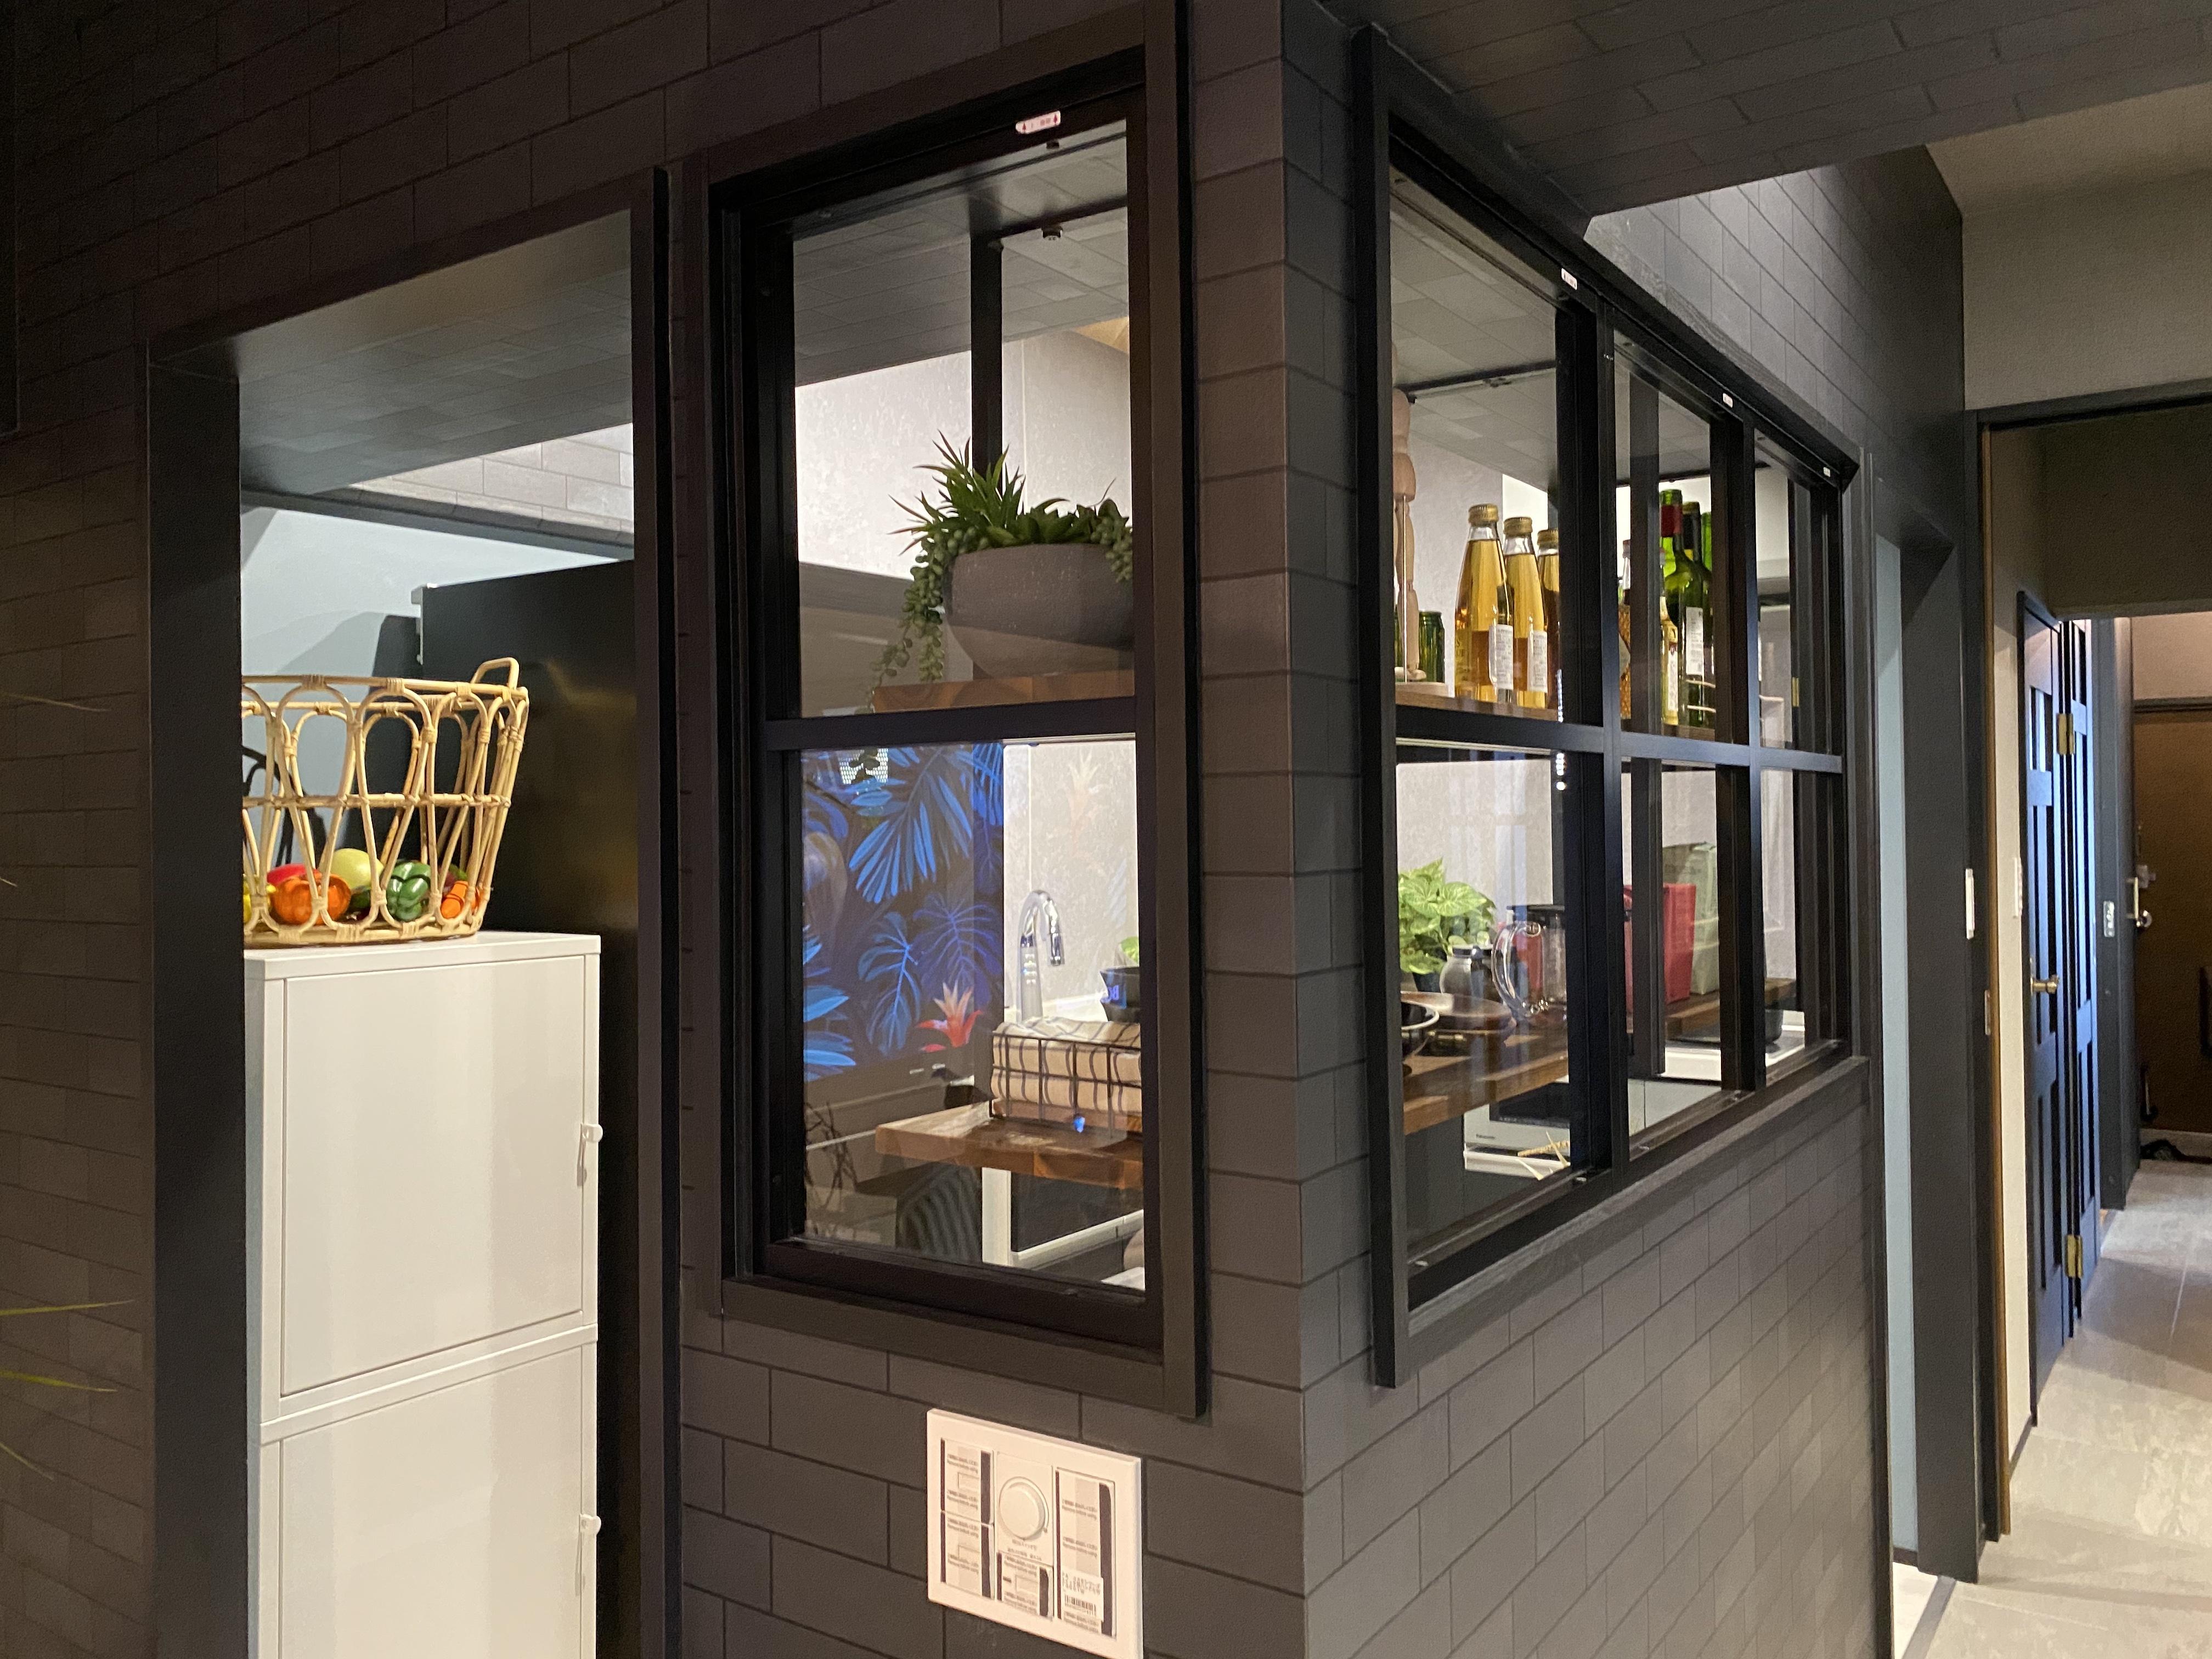 室内窓設置の仕切られすぎないキッチンはリノベならではのかっこいい面白い空間です